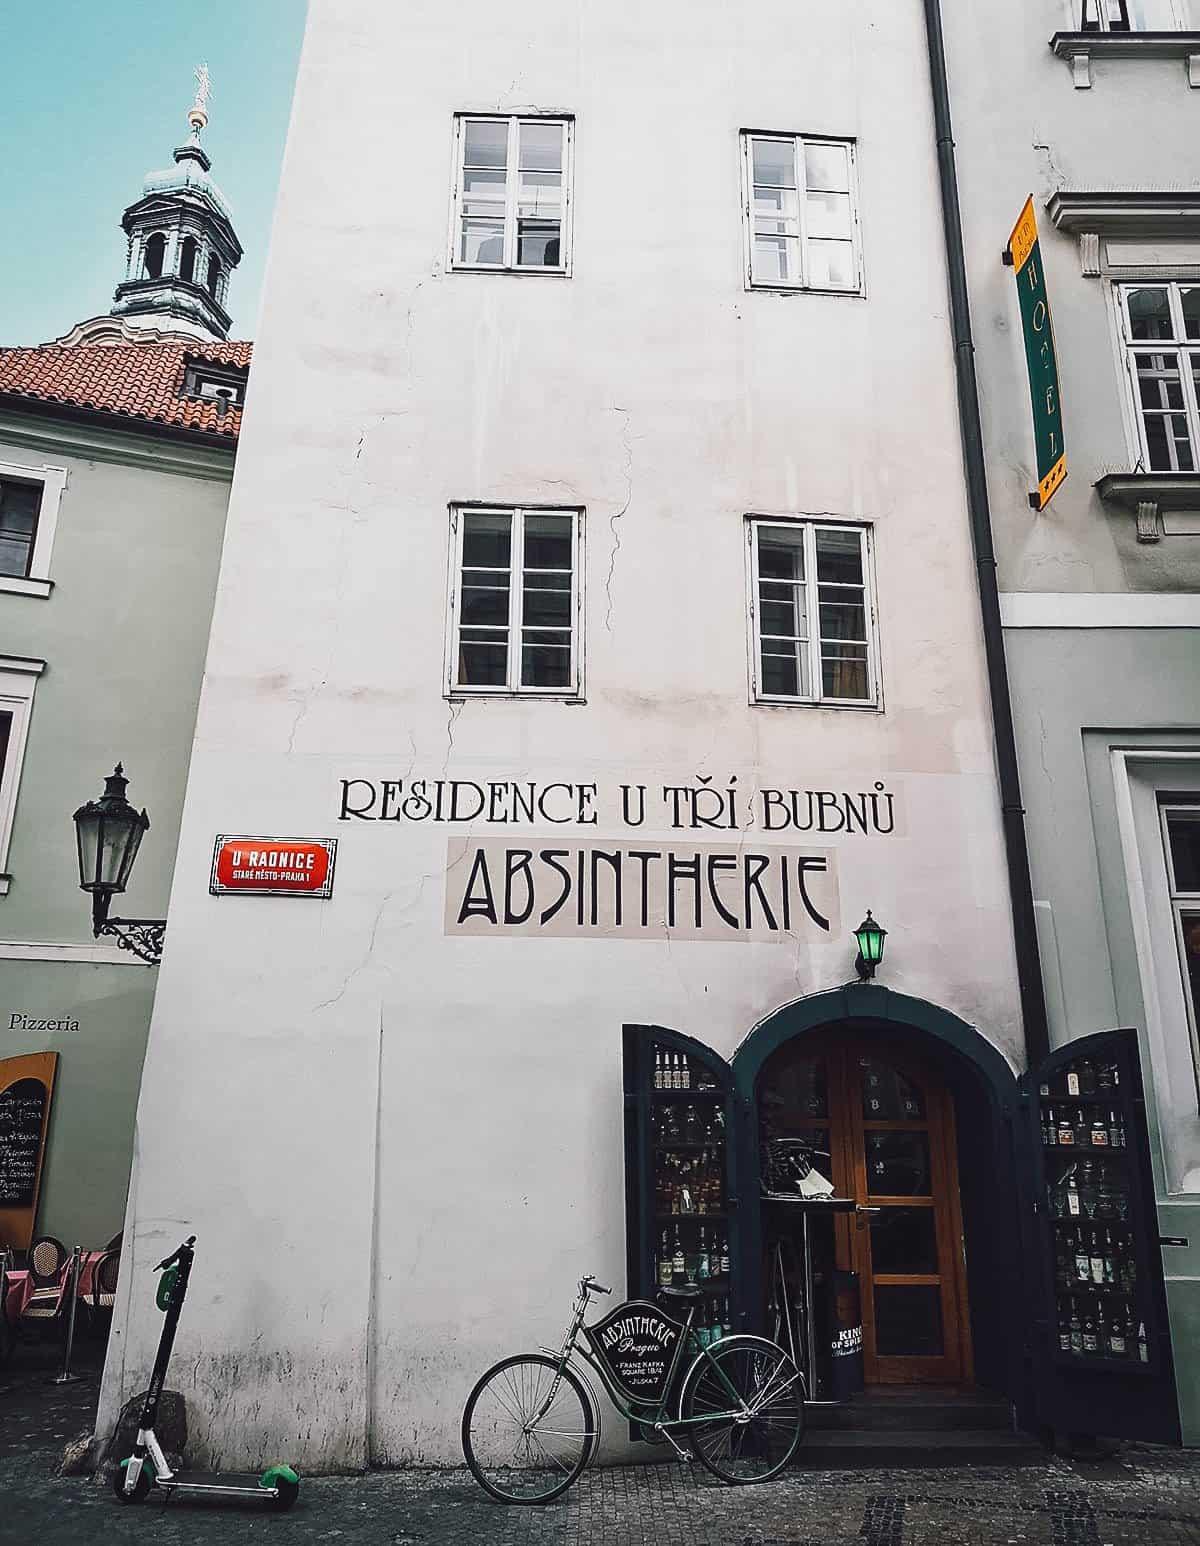 Absintherie, Prague, Czech Republic